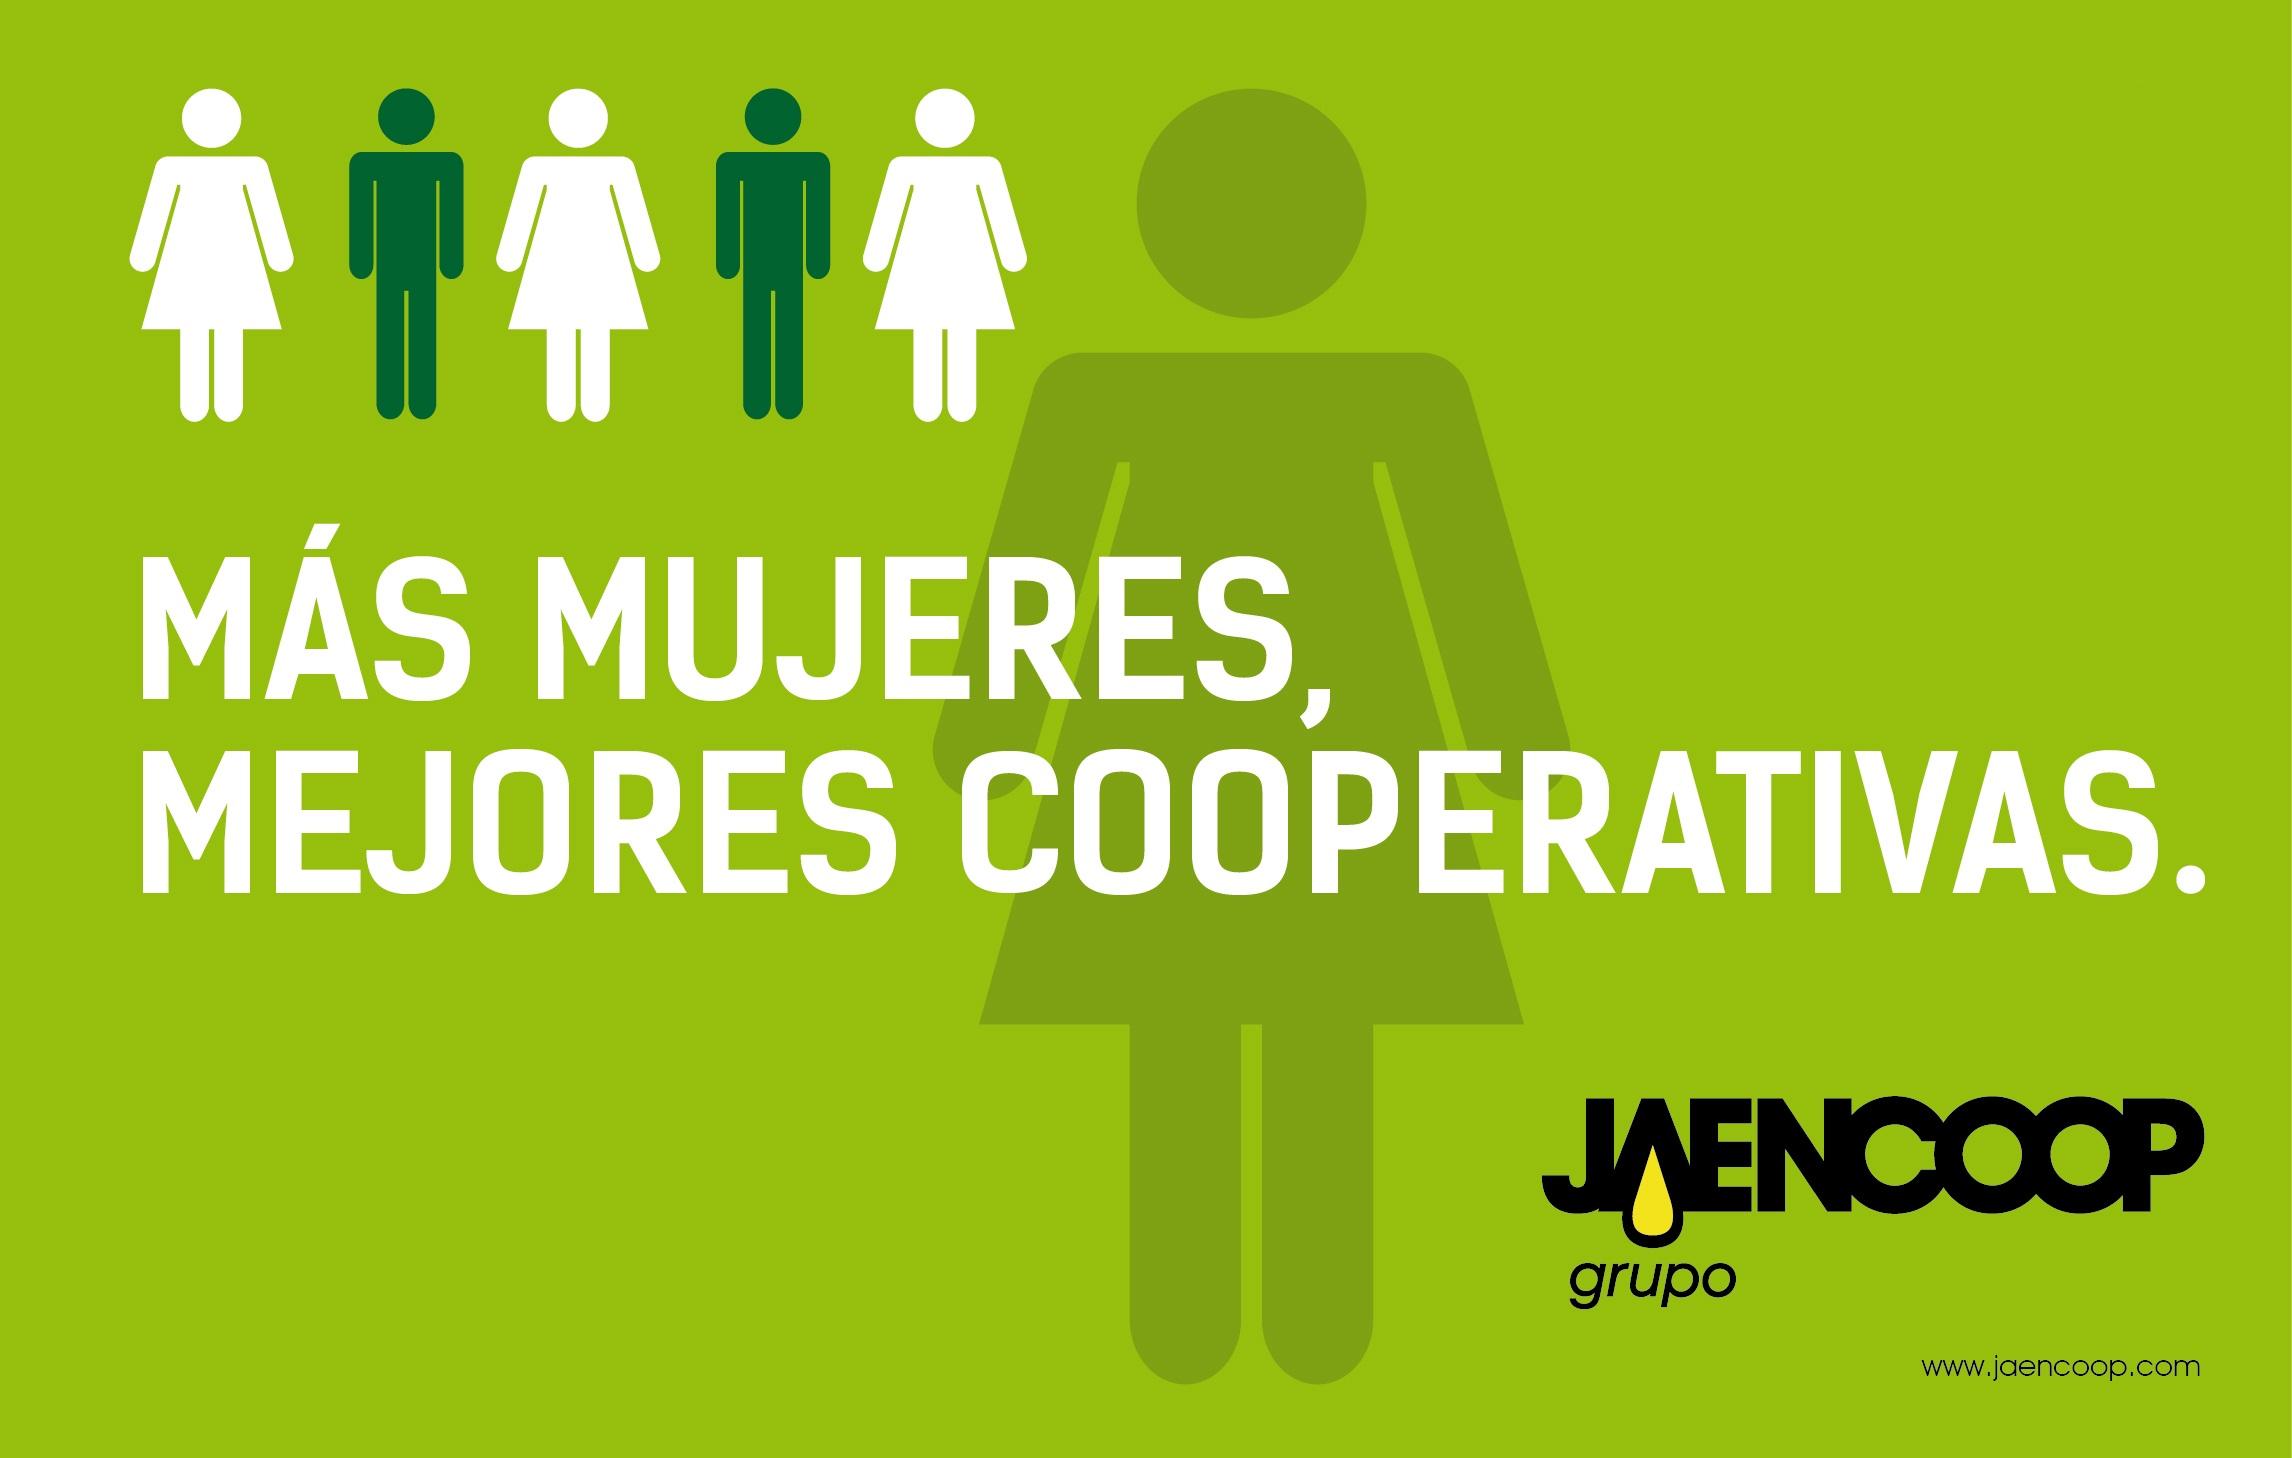 MÁS MUJERES, MEJORES COOPERATIVAS. DÍA INTERNACIONAL DE LA MUJER TRABAJADORA